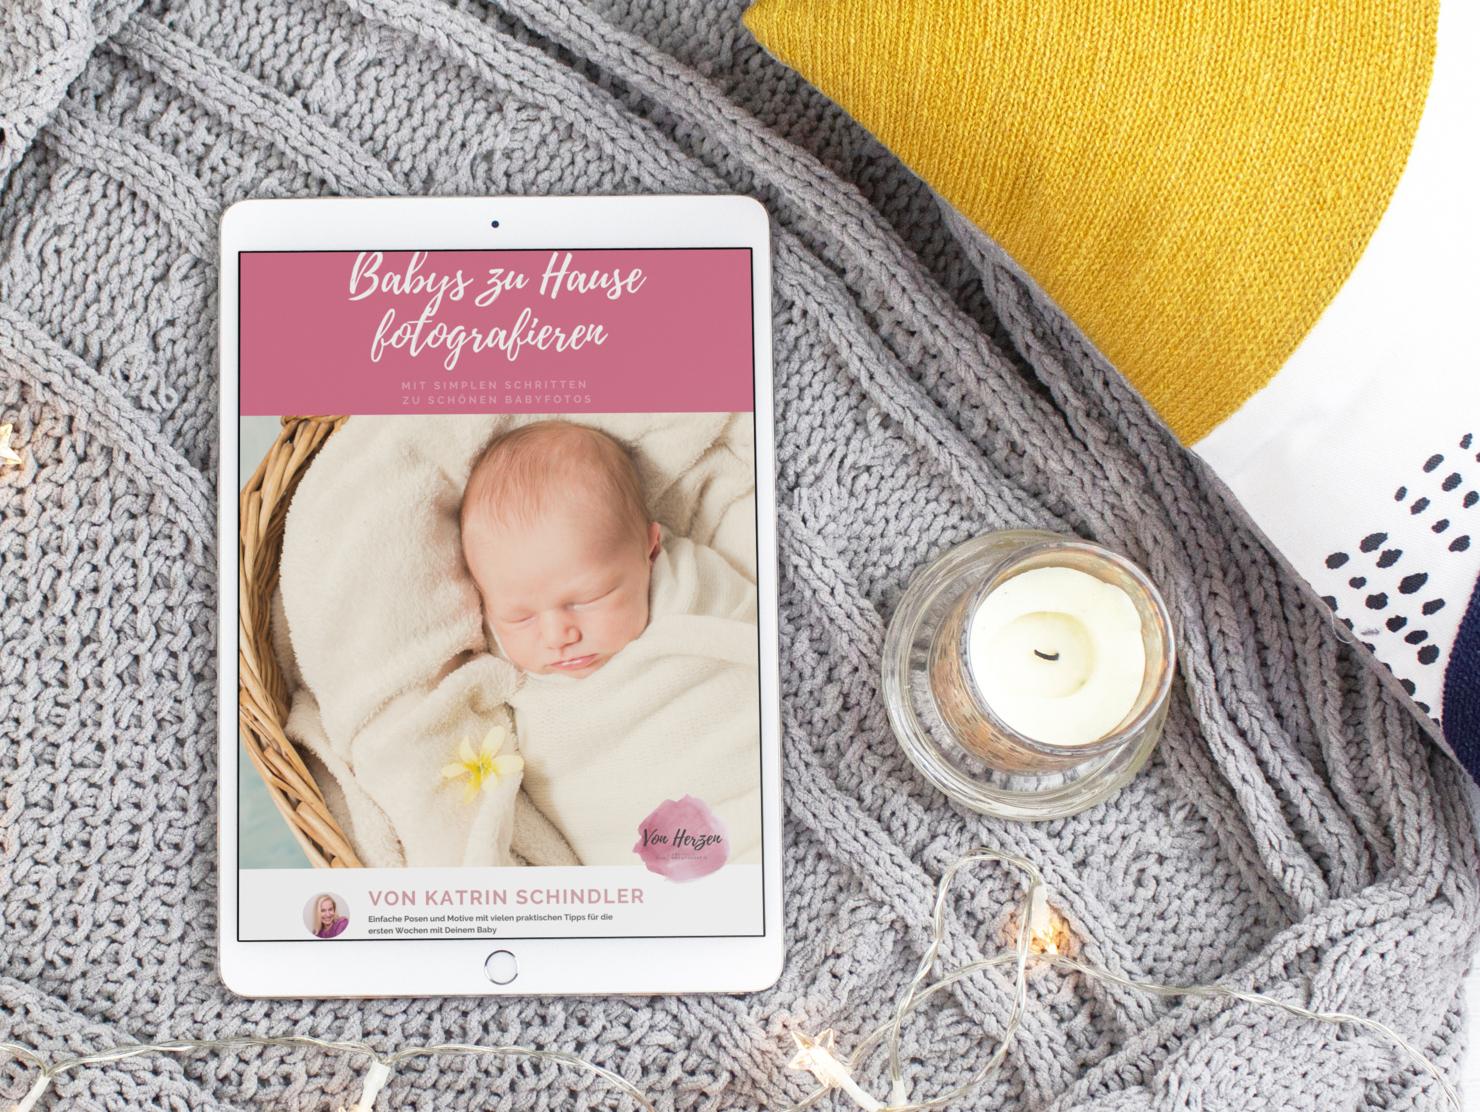 Babybilder zu Hause machen - DIY Ebook für junge Eltern